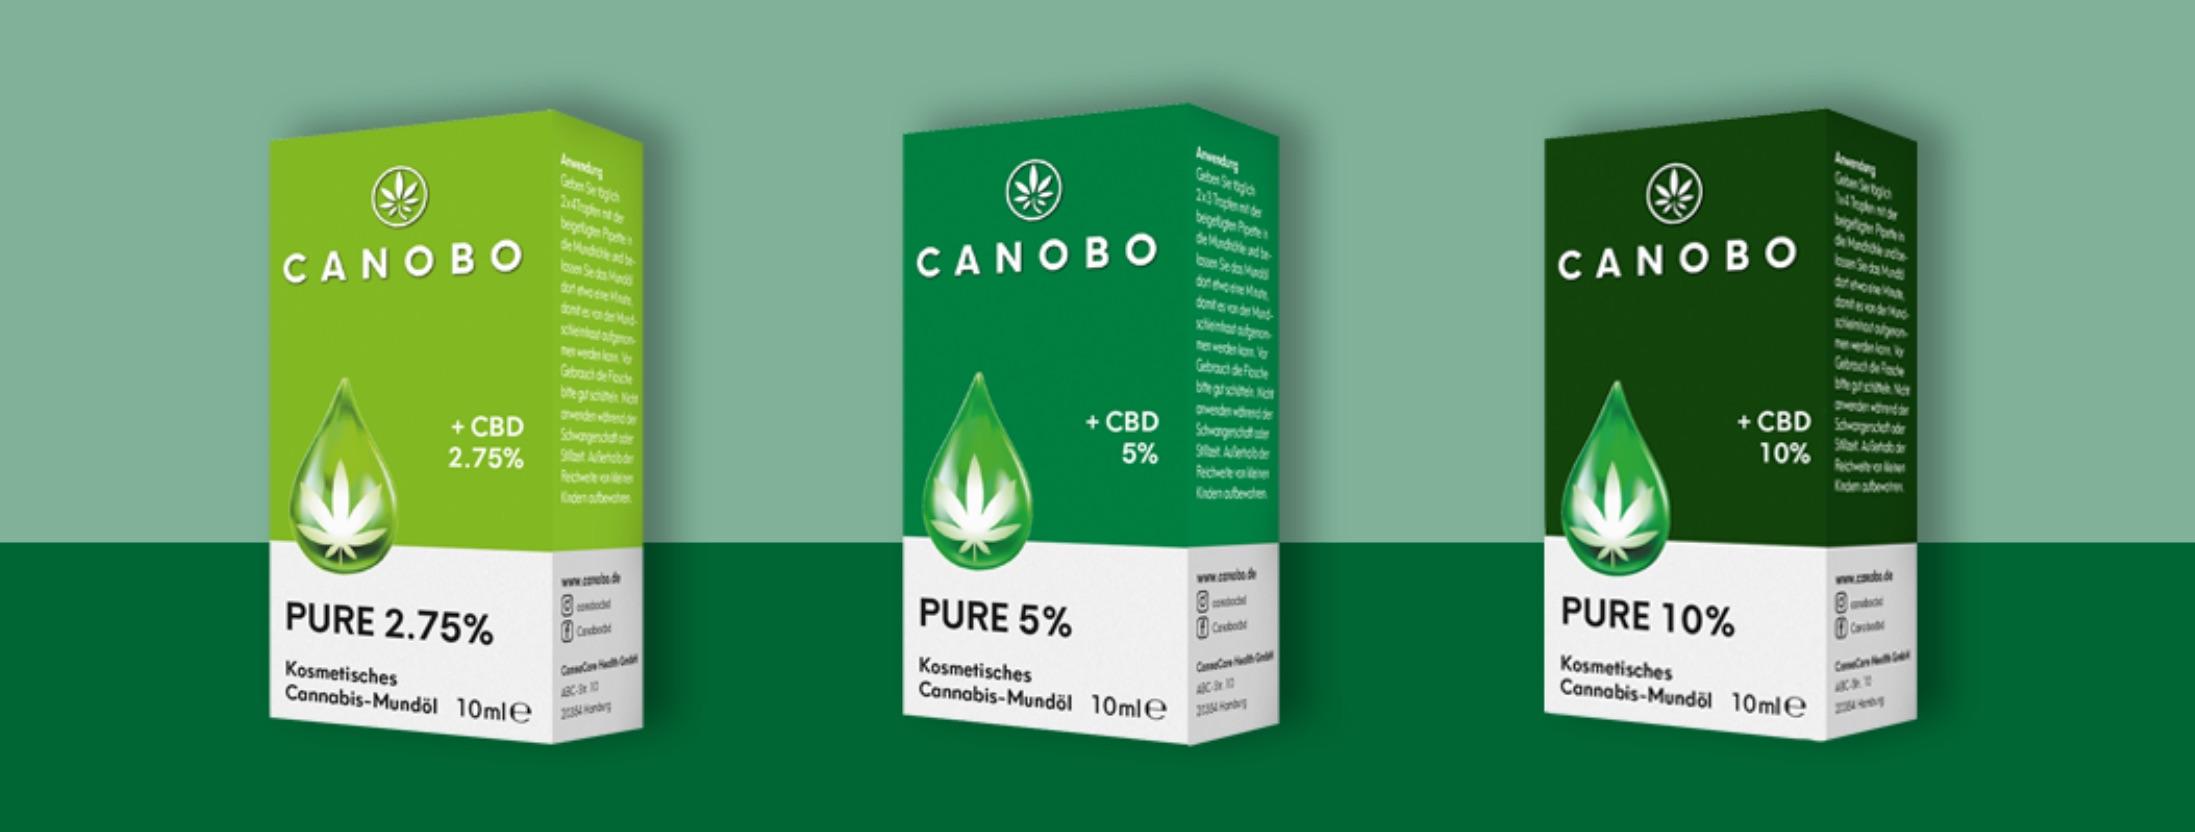 Canobo Cbd - bewertungen - anwendung - inhaltsstoffe - erfahrungsberichte